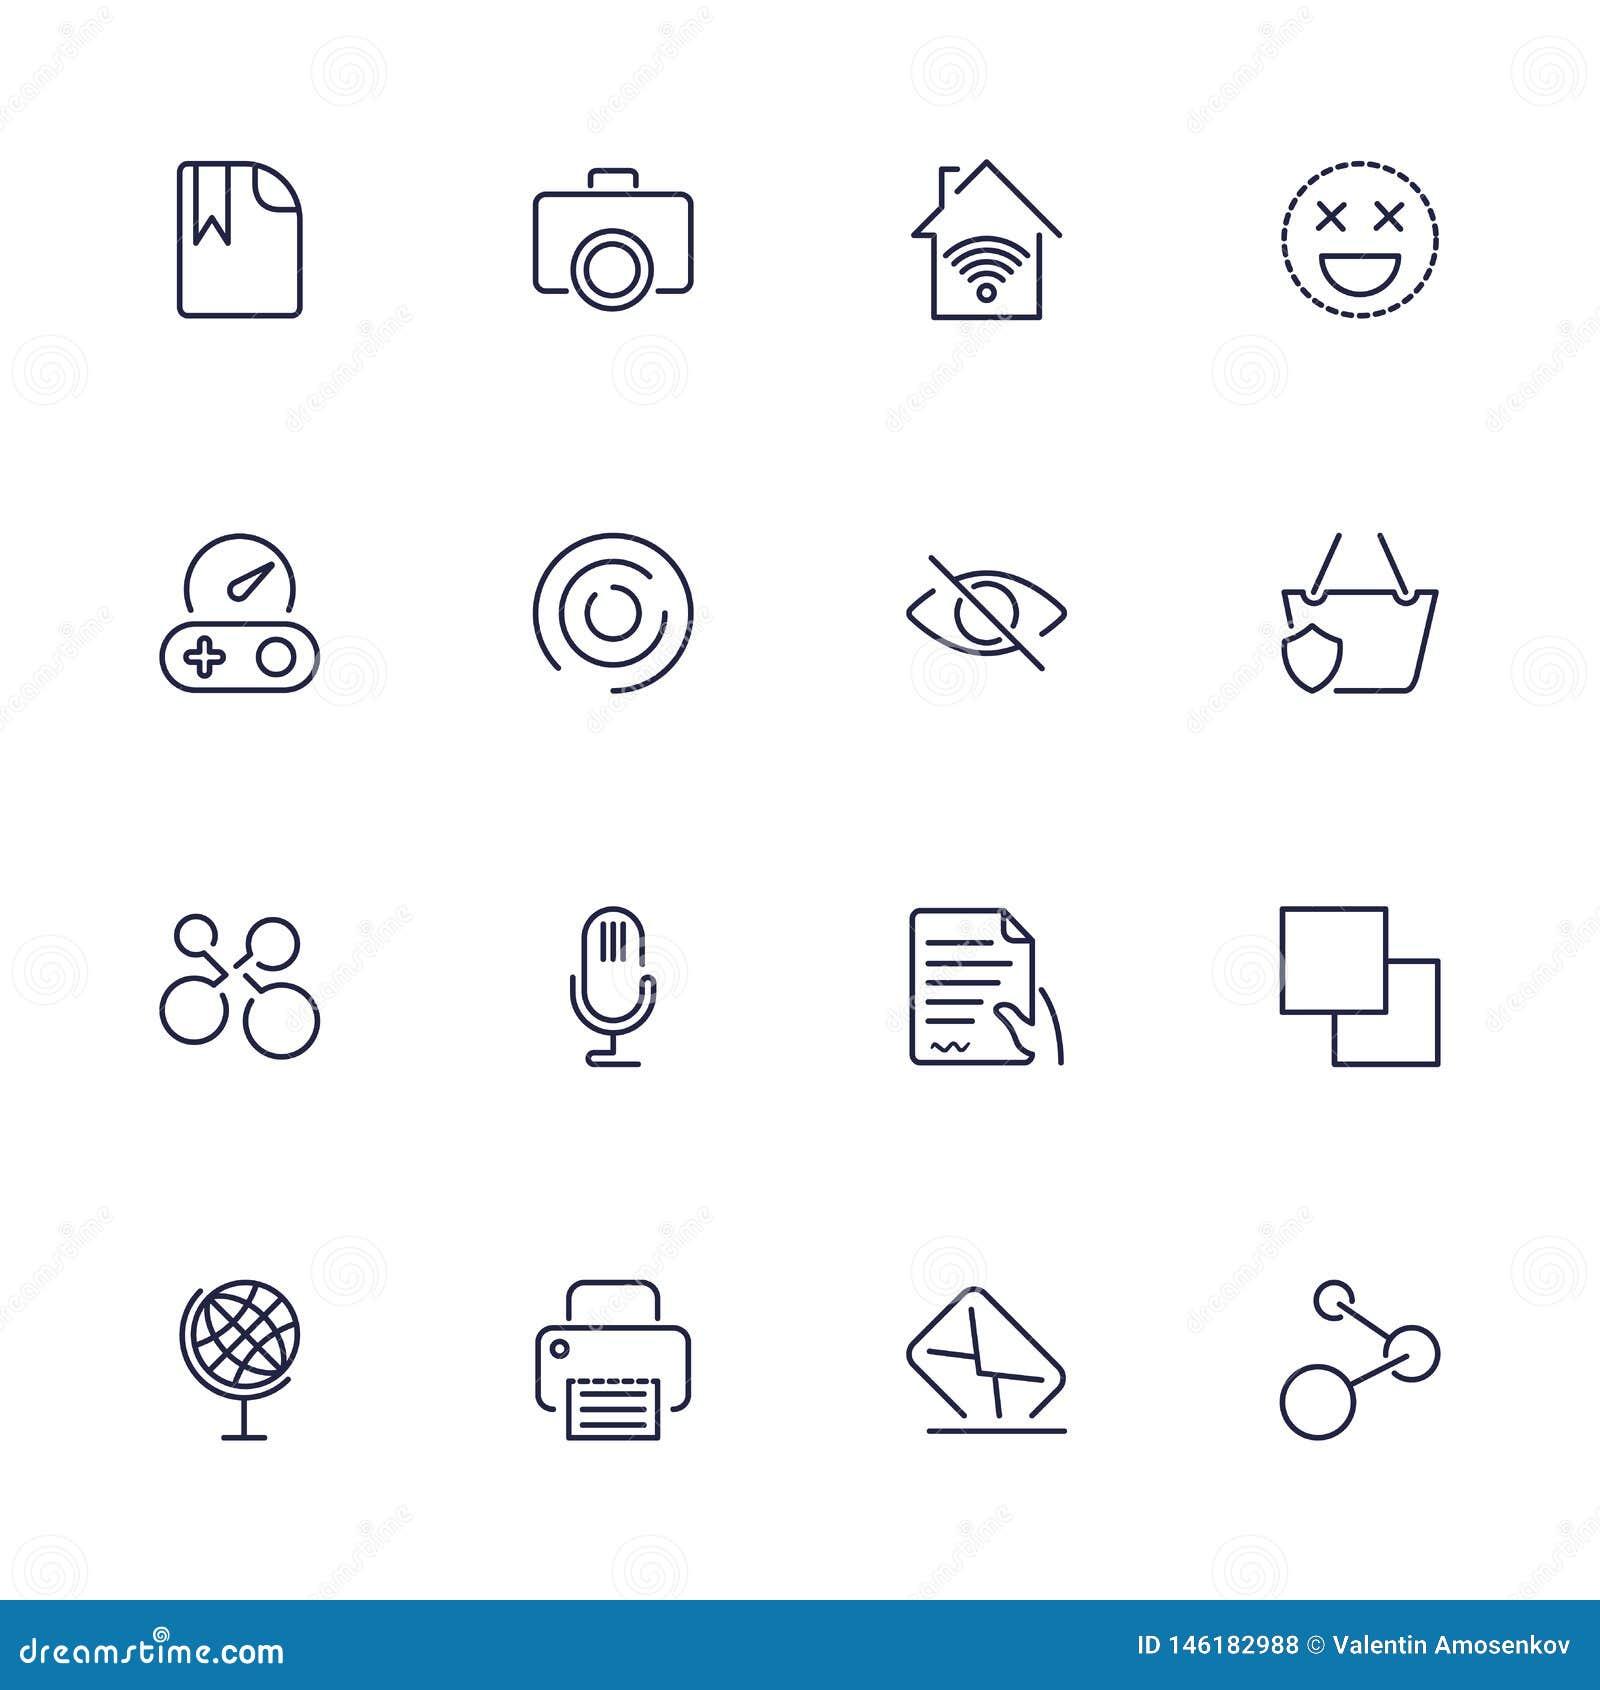 Ogólnoludzkie sieci ikony używać w sieci UI i wiszącej ozdobie, set podstawowa UI sieci elementów kartoteka, drukarka, poczta, gr